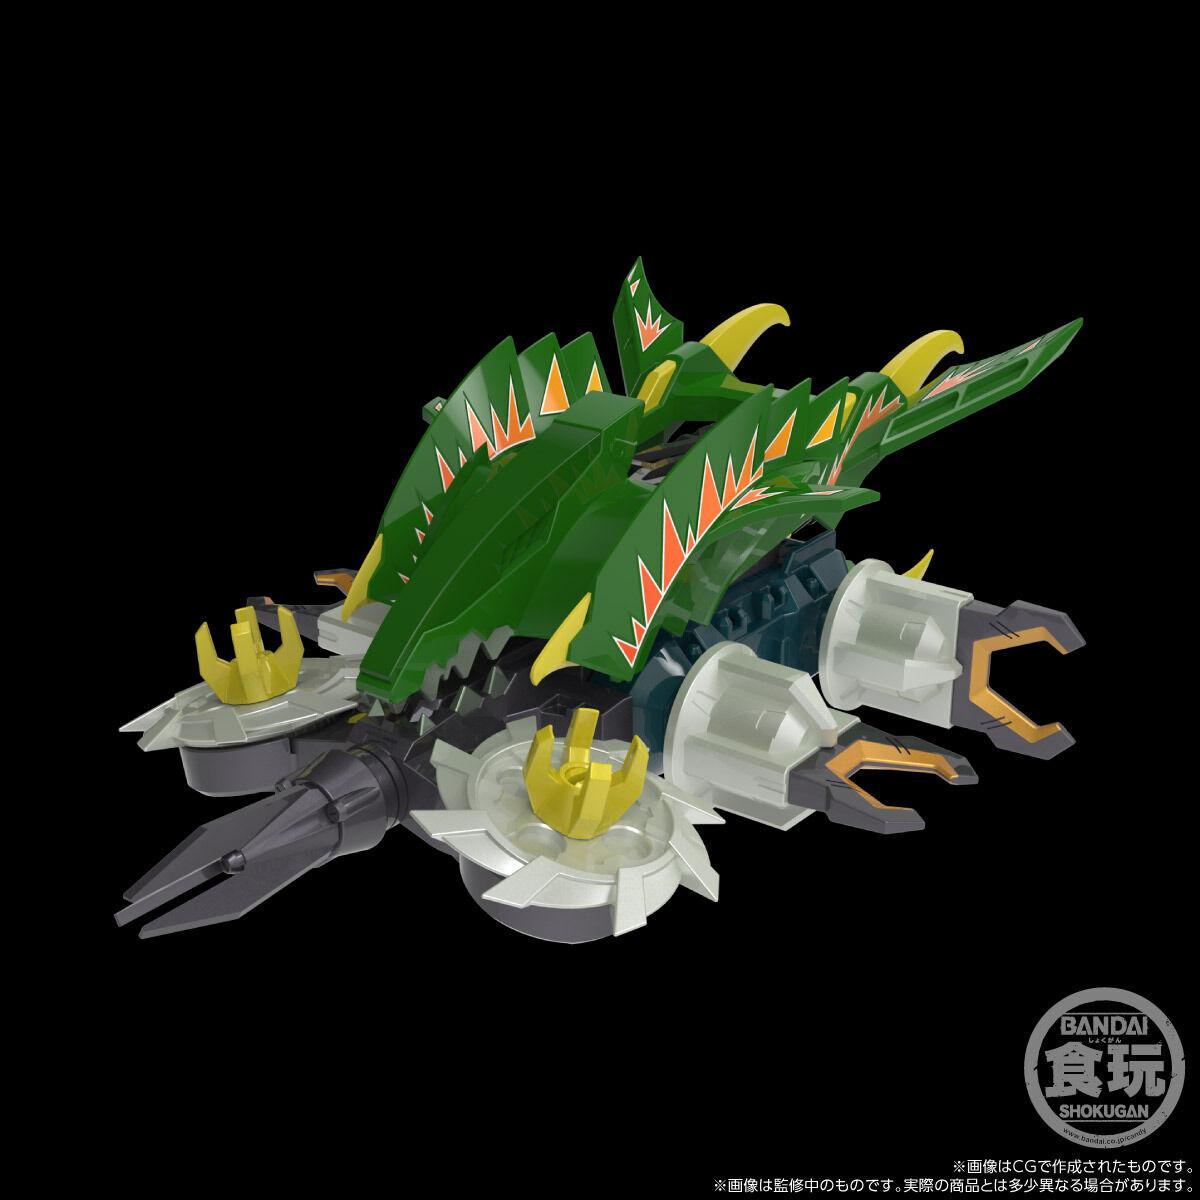 【限定販売】【食玩】SMP[SHOKUGAN MODELING PROJECT]『クラッシュギア BATTLE2』激闘!クラッシュギアTURBO 4個入りBOX-004